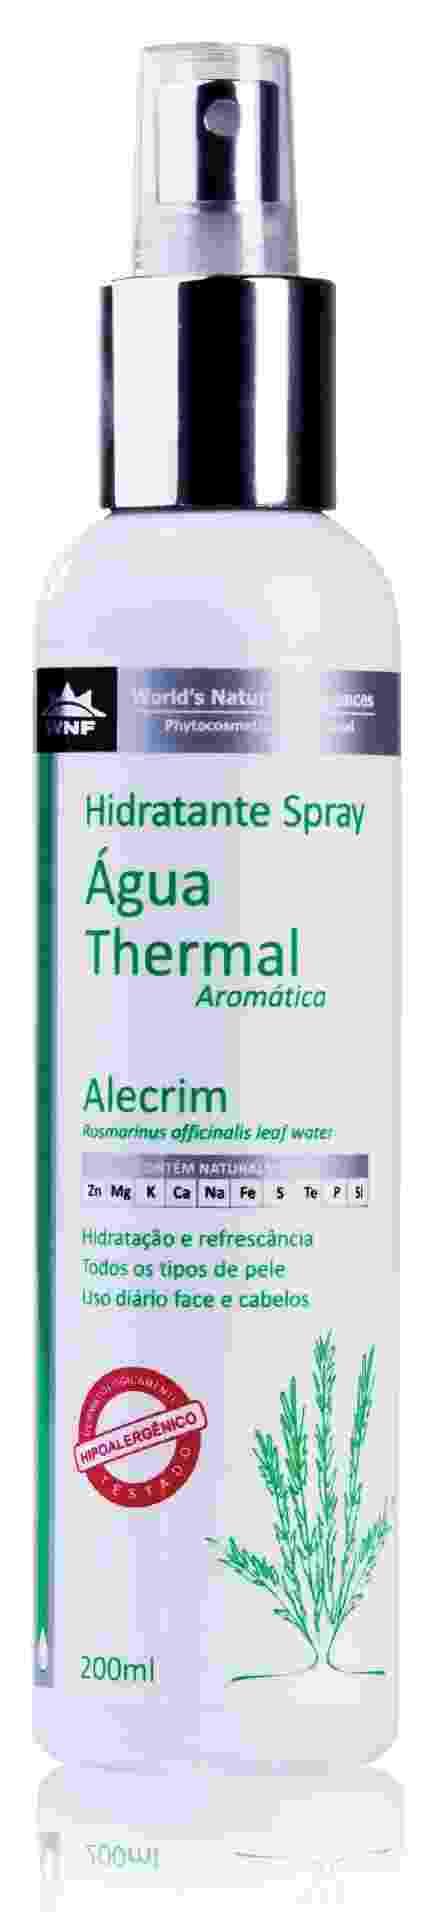 Água termal aromática Alecrim 200 ml, R$ 27, WNF, (11) 3060-8816 - Divulgação